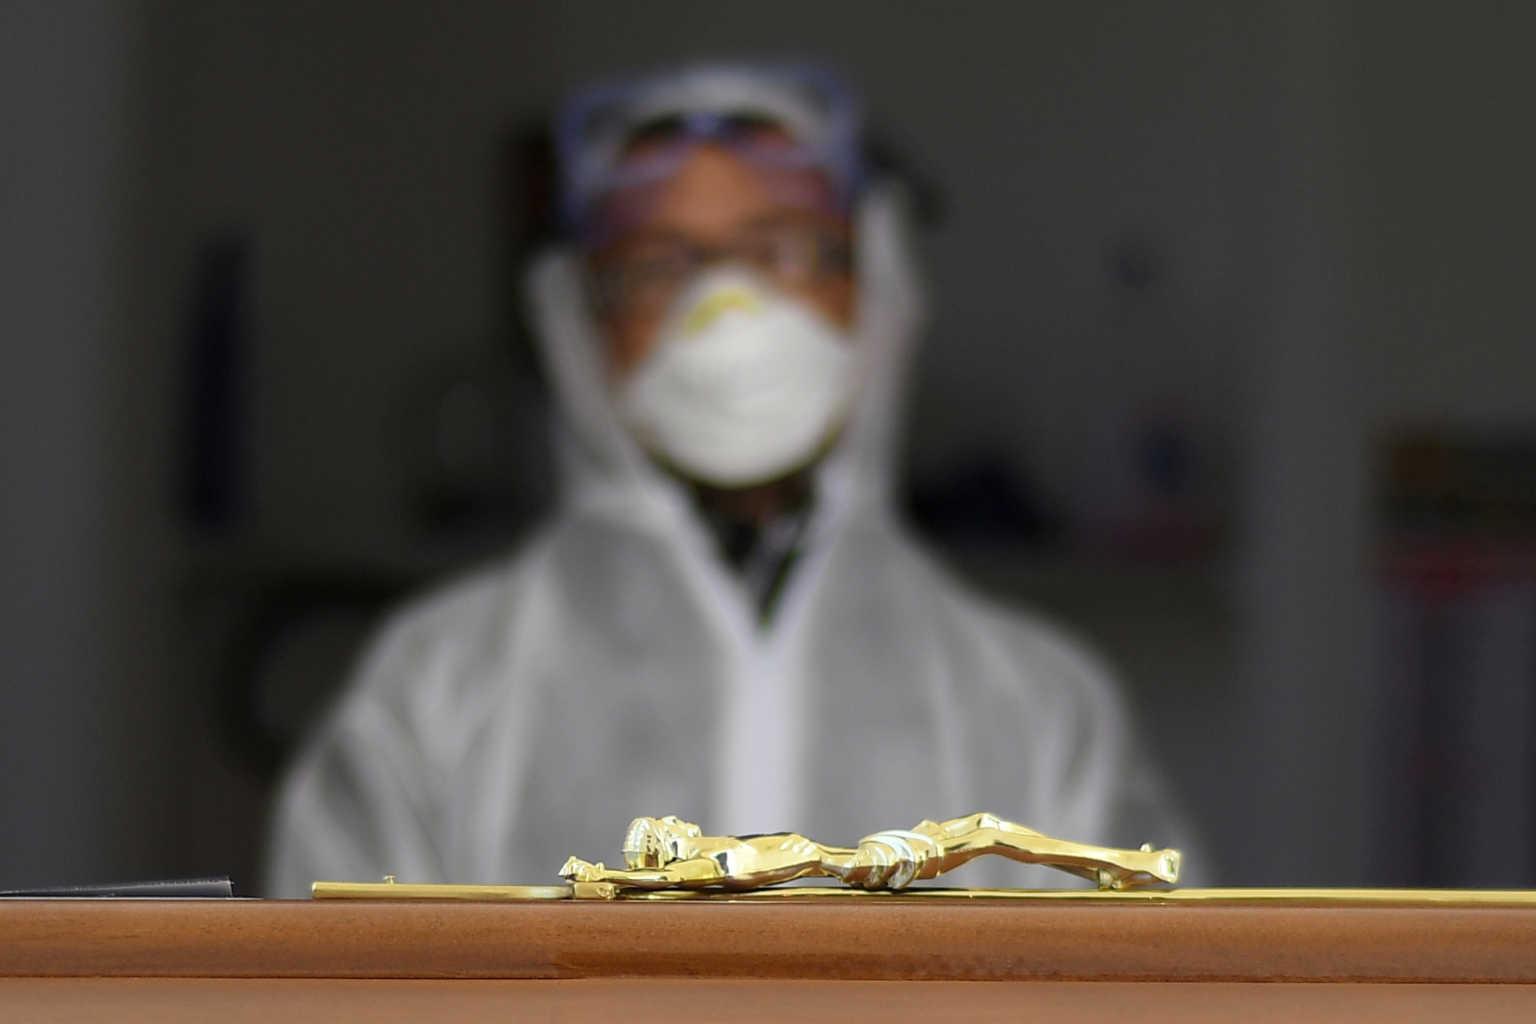 Κορονοϊός και έγκλημα – Άγρια δολοφονία φοιτήτριας από τον σύντροφό της προκαλεί σοκ στην Ιταλία